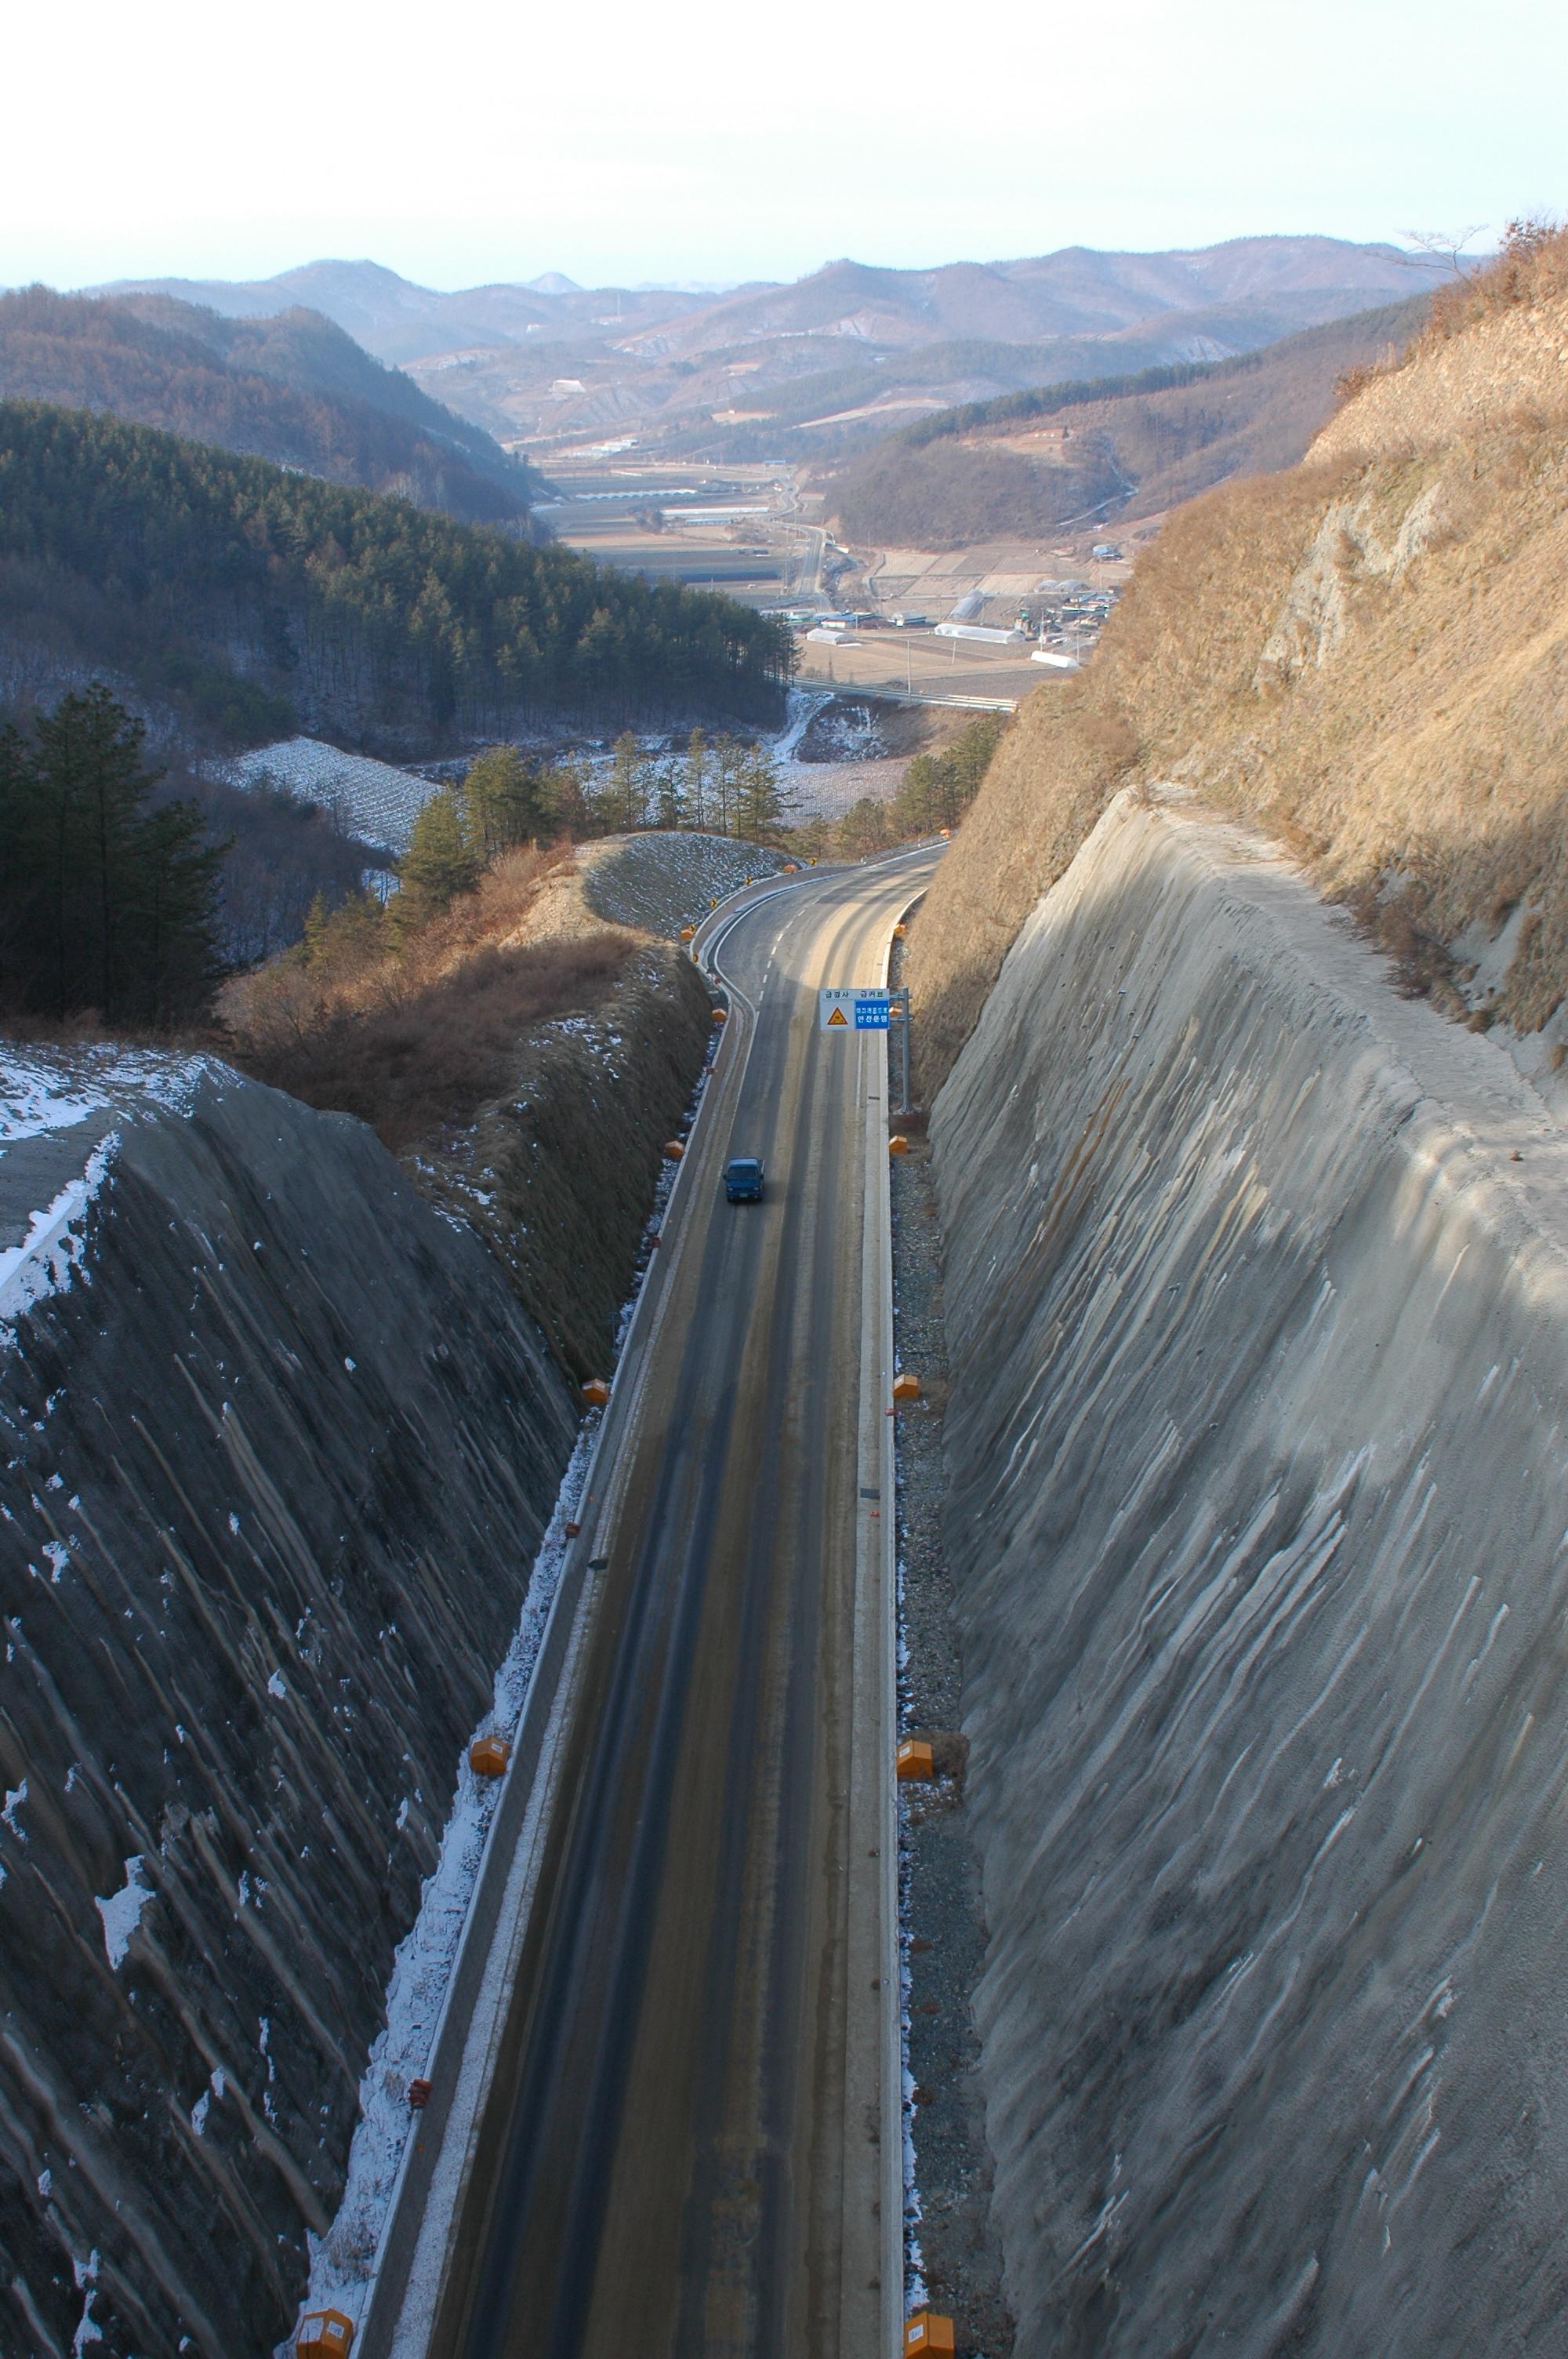 호남정맥이 지나는 전북 장수군 장수읍 수분리의 실고개를 관통하는 도로. 절개지가 생태계를 완전히 단절시킬 만큼 대규모 훼손을 낳았다.[사진 녹색연합]